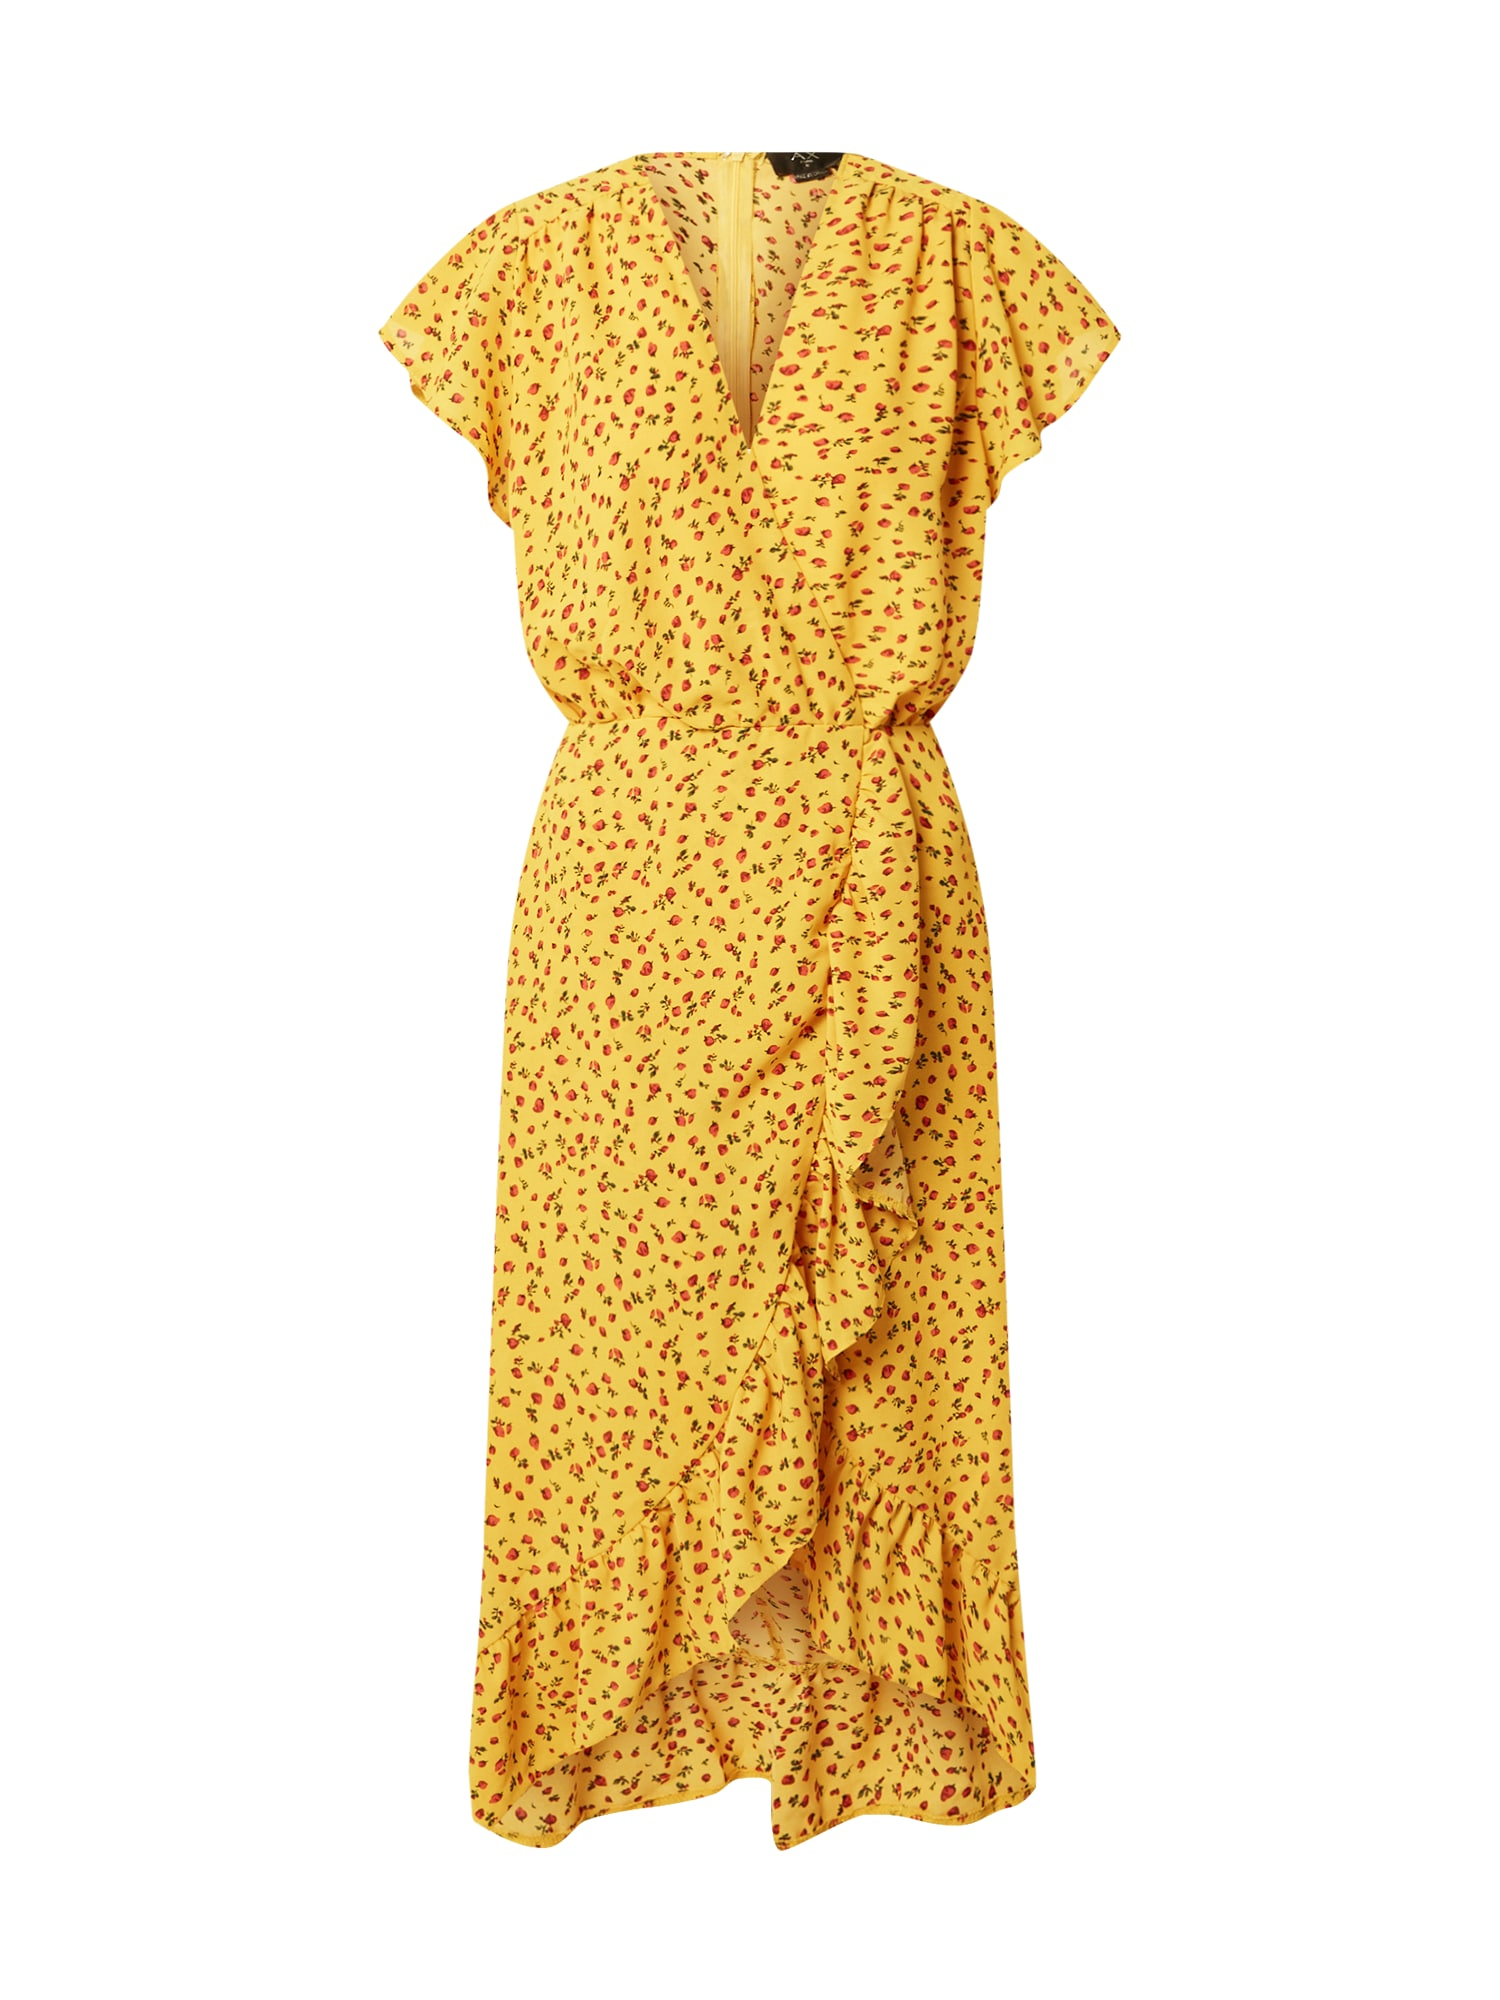 AX Paris Suknelė geltona / įdegio spalva / raudona